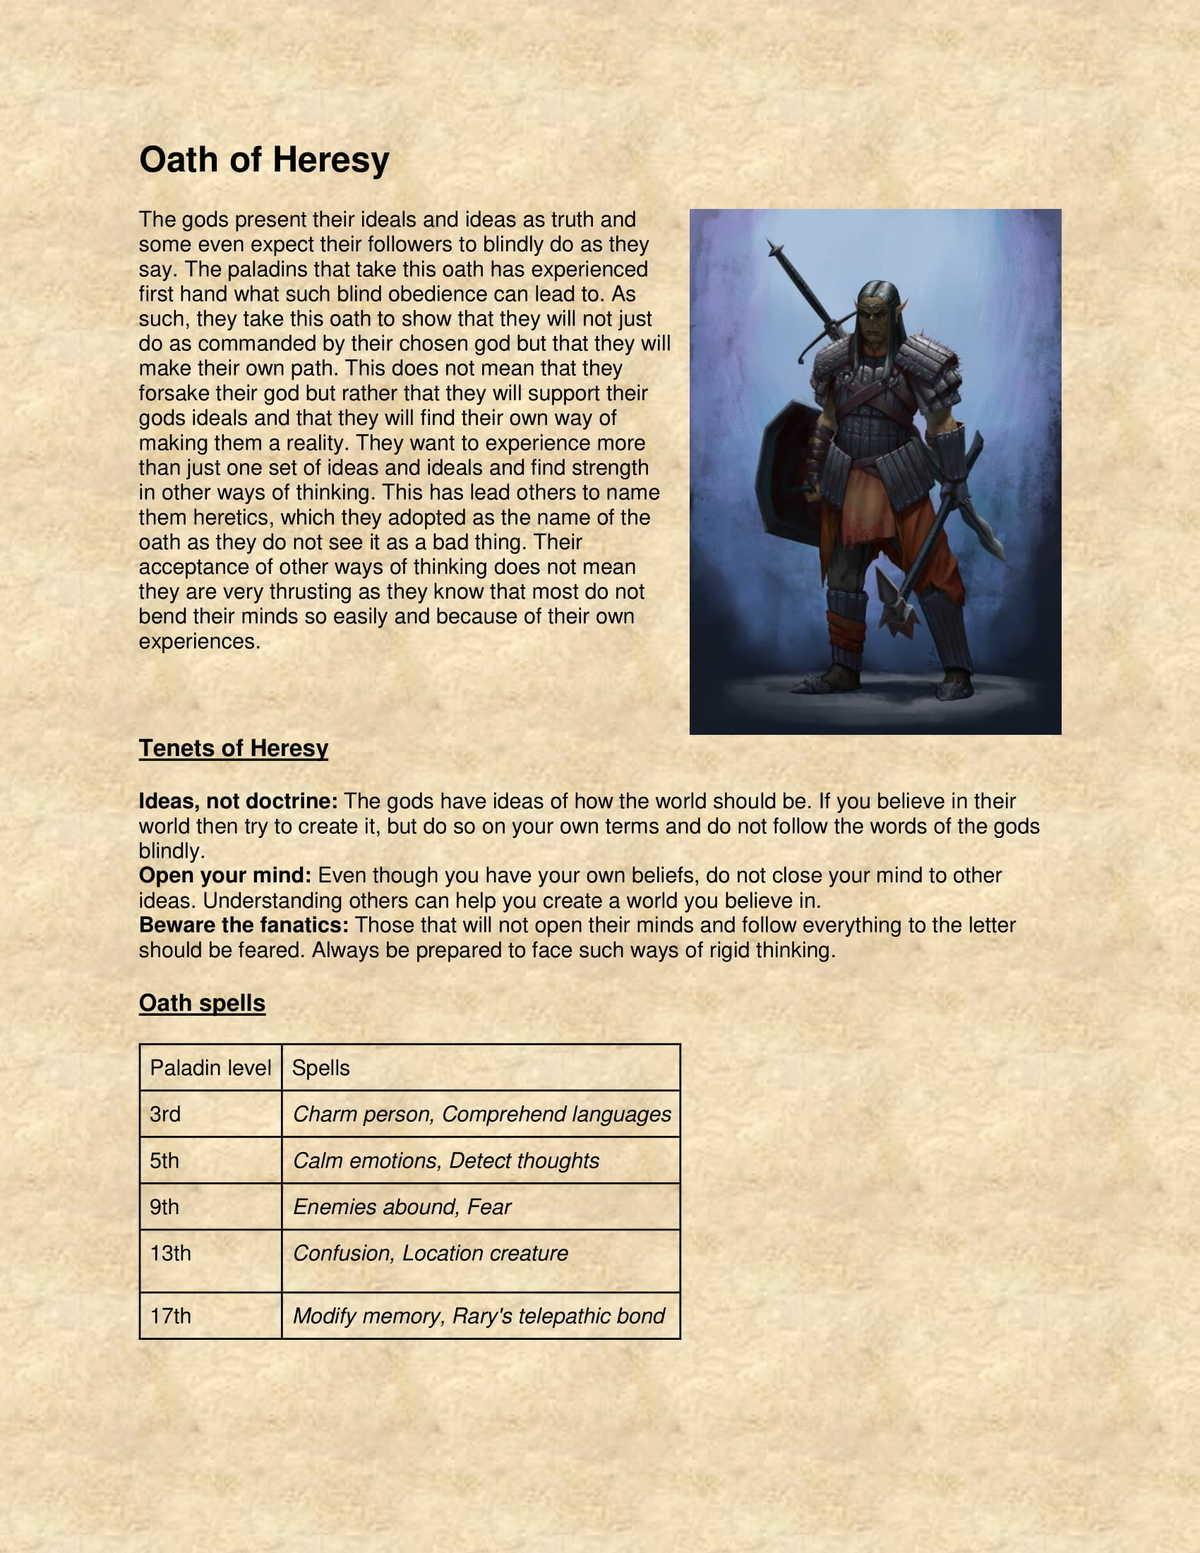 5e Paladin subclass: Oath of Heresy